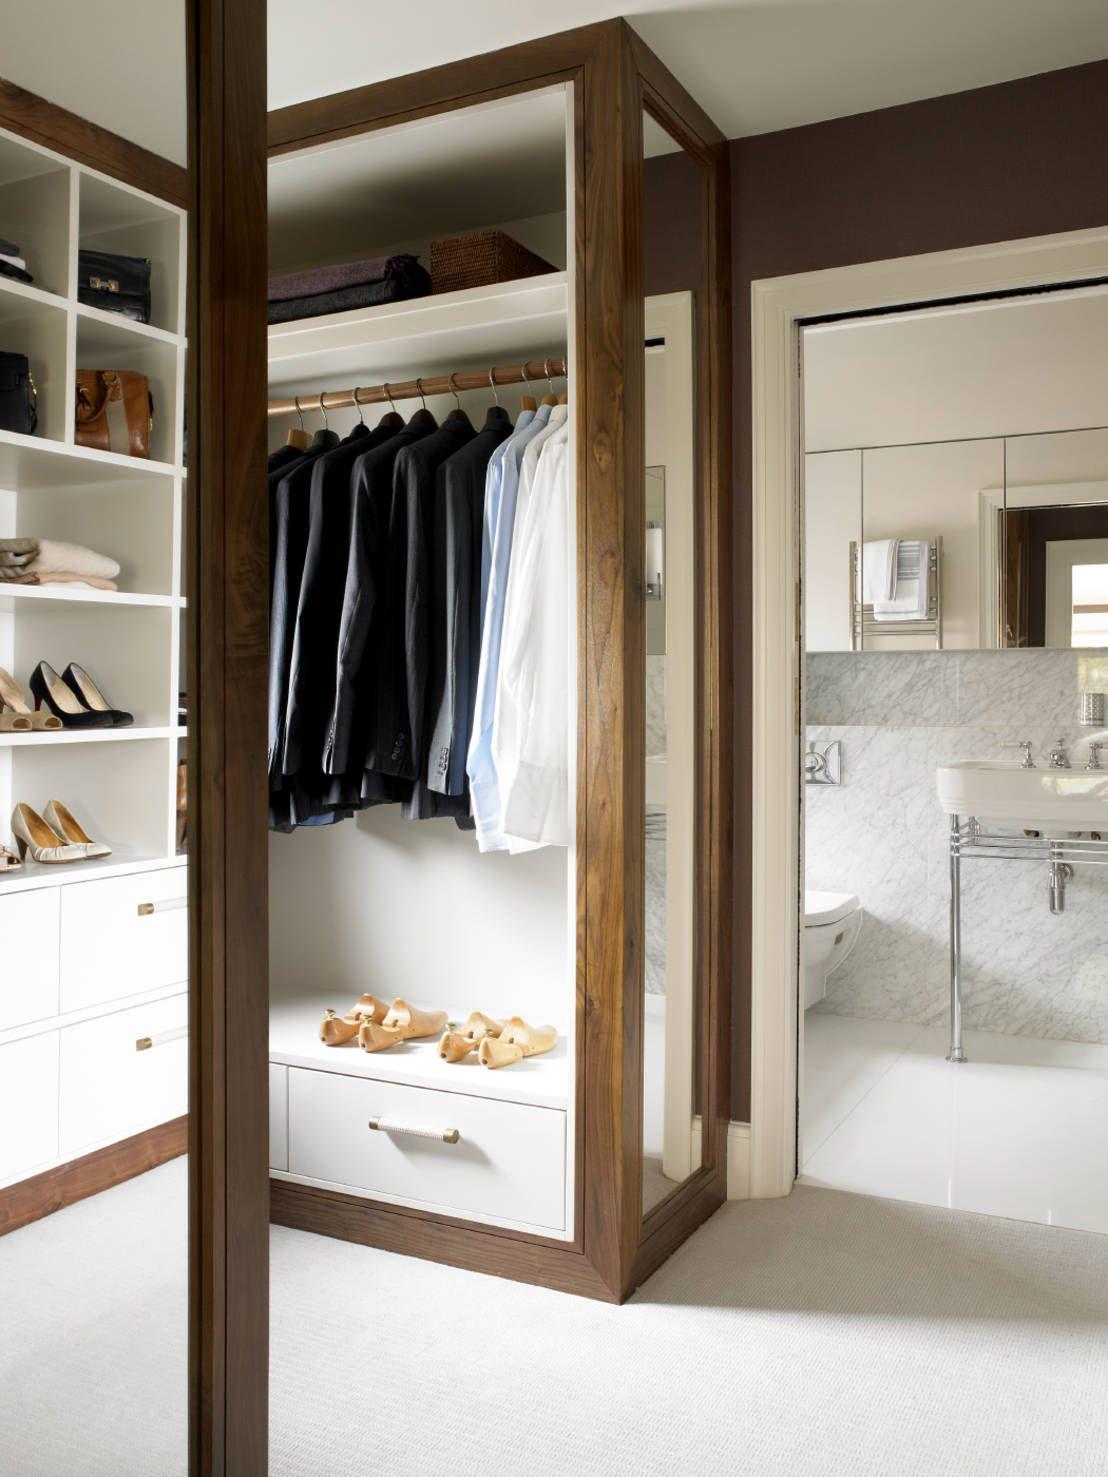 Ankleidezimmer beispiele  7 verschiedene begehbare Kleiderschränke | Begehbarer kleiderschrank ...